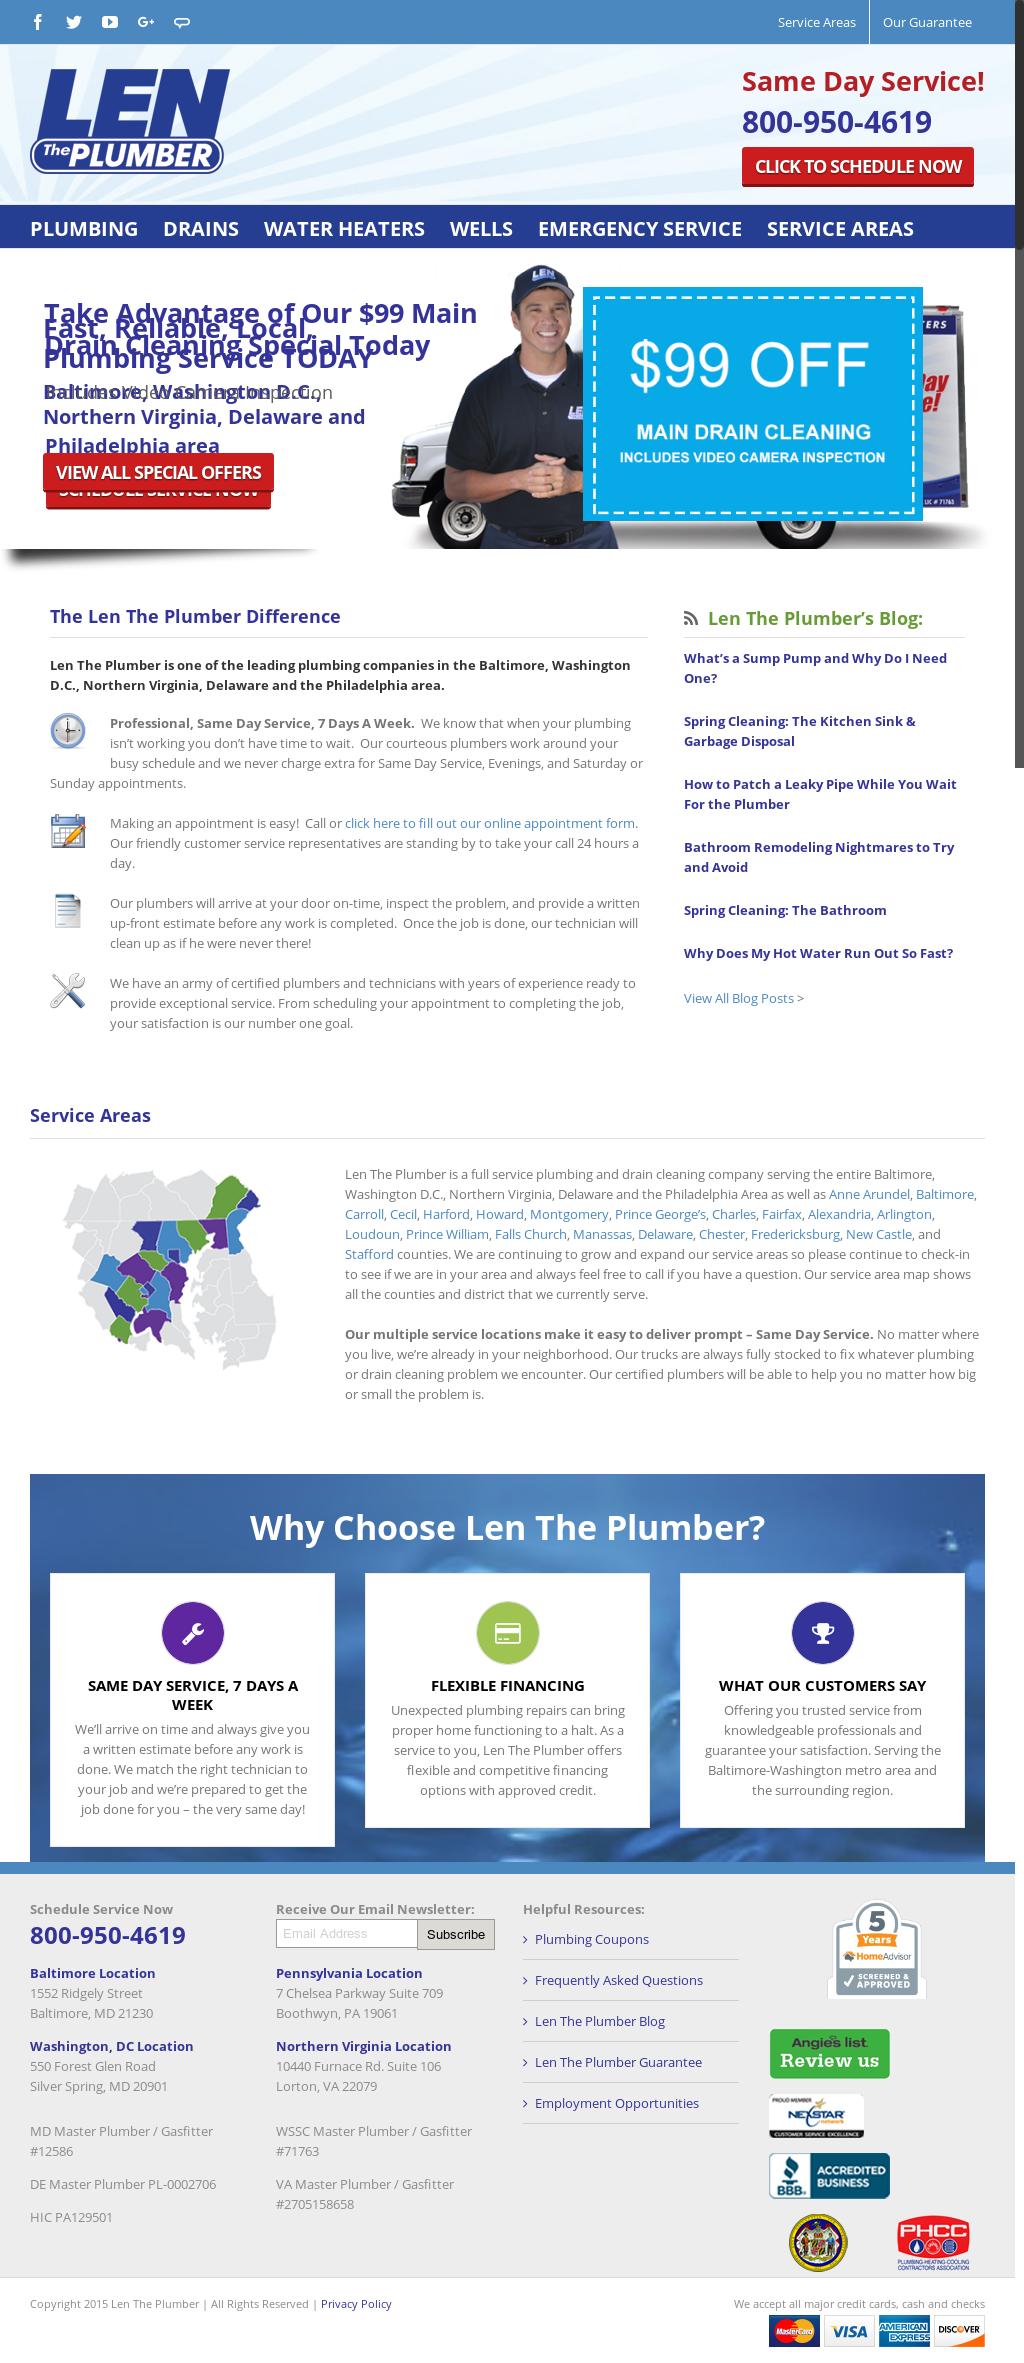 Len The Plumber S Latest News Blogs